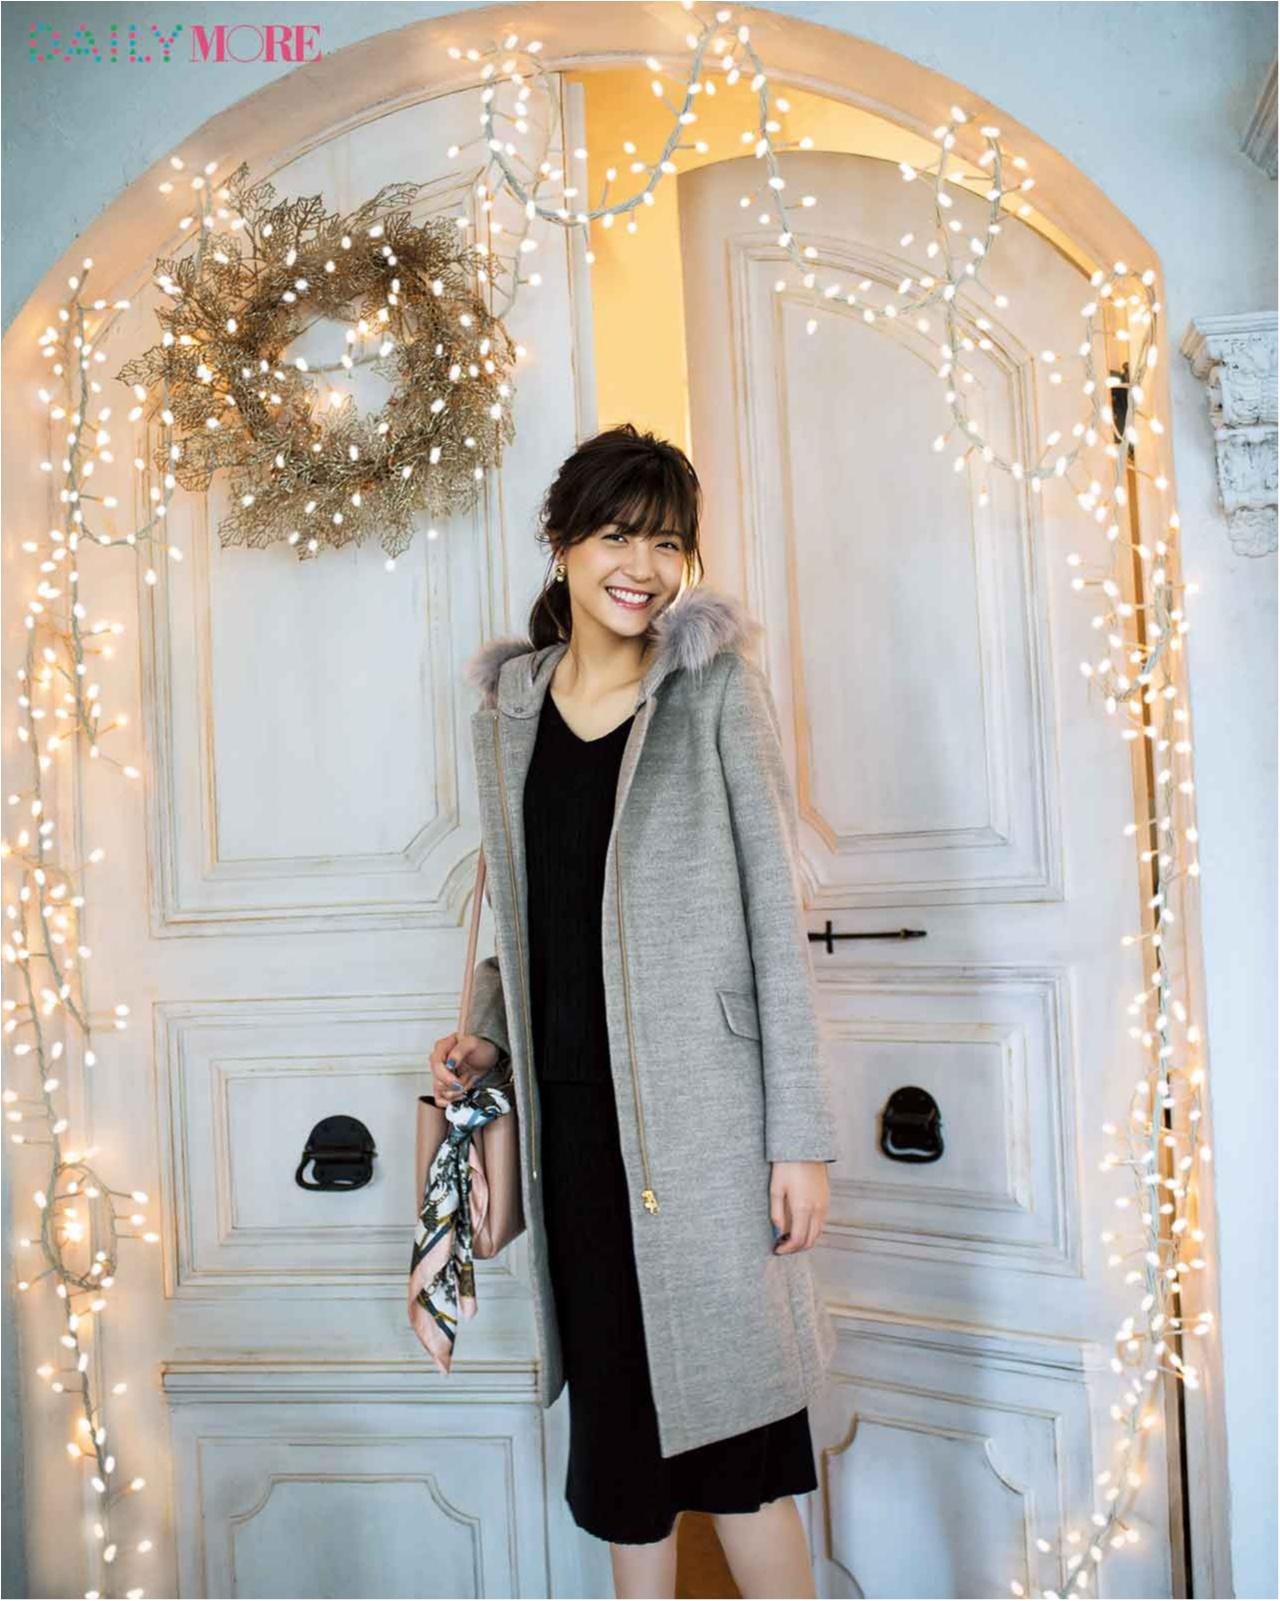 12月、楽しいイベント盛りだくさんな毎日に、『ViS』の華やぎトレンド服をチェック!_2